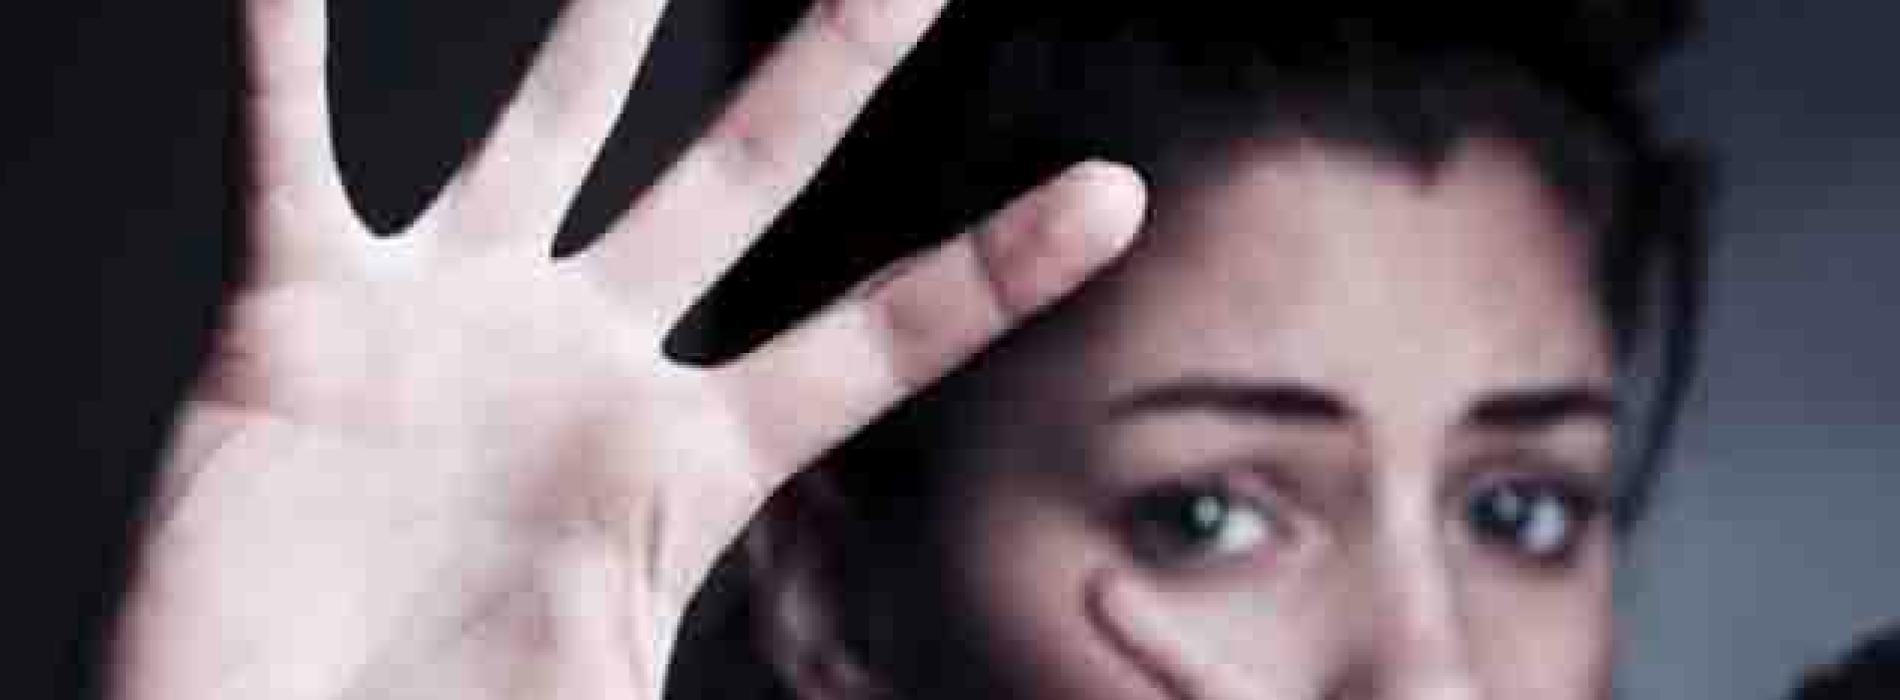 25 novembre, la giornata per dire no alla violenza sulle donne